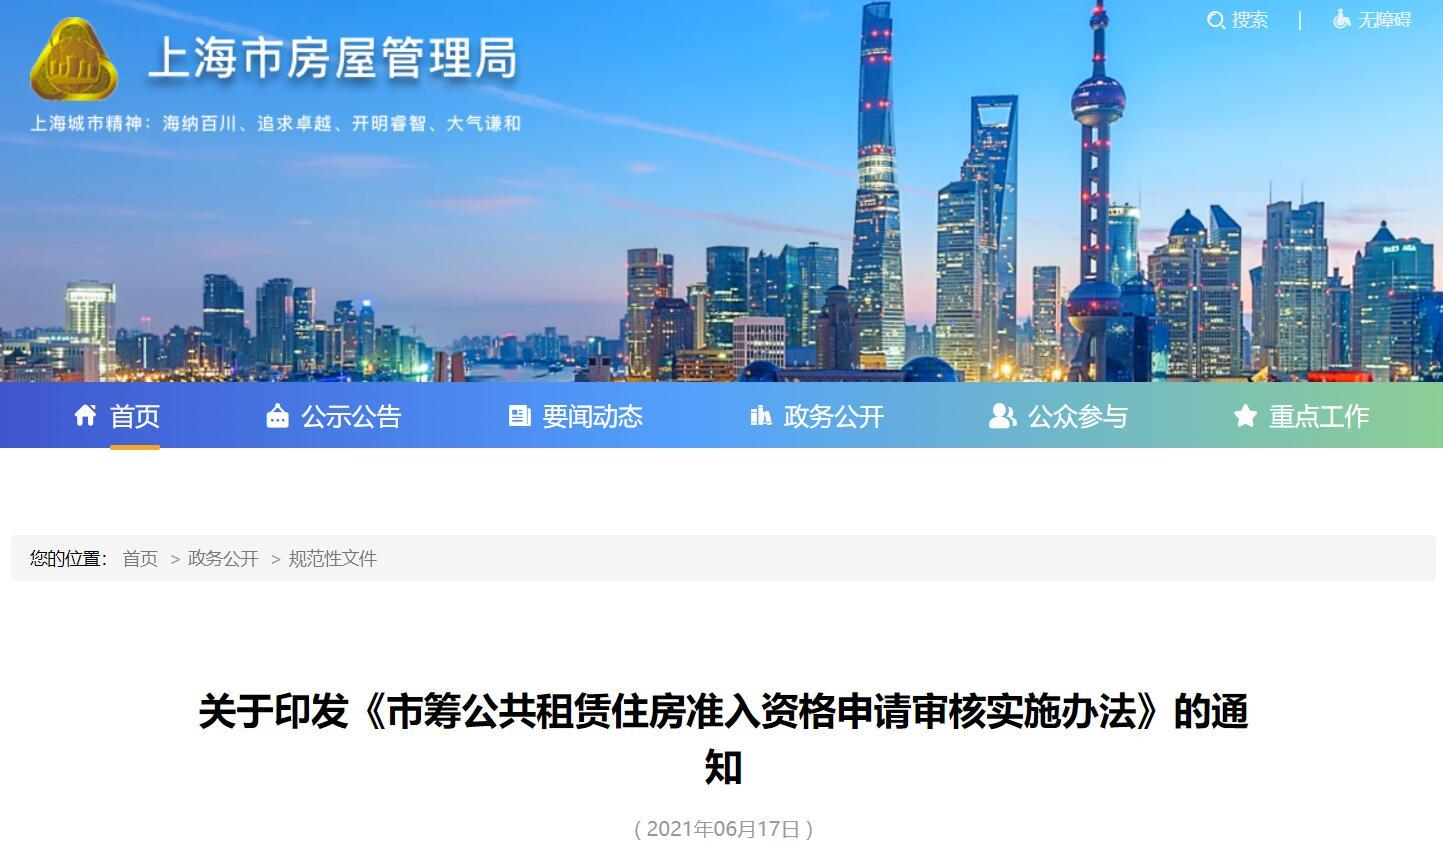 《上海↑市筹公租房准入资格申请审核实施办法》2021年7月1日起实施